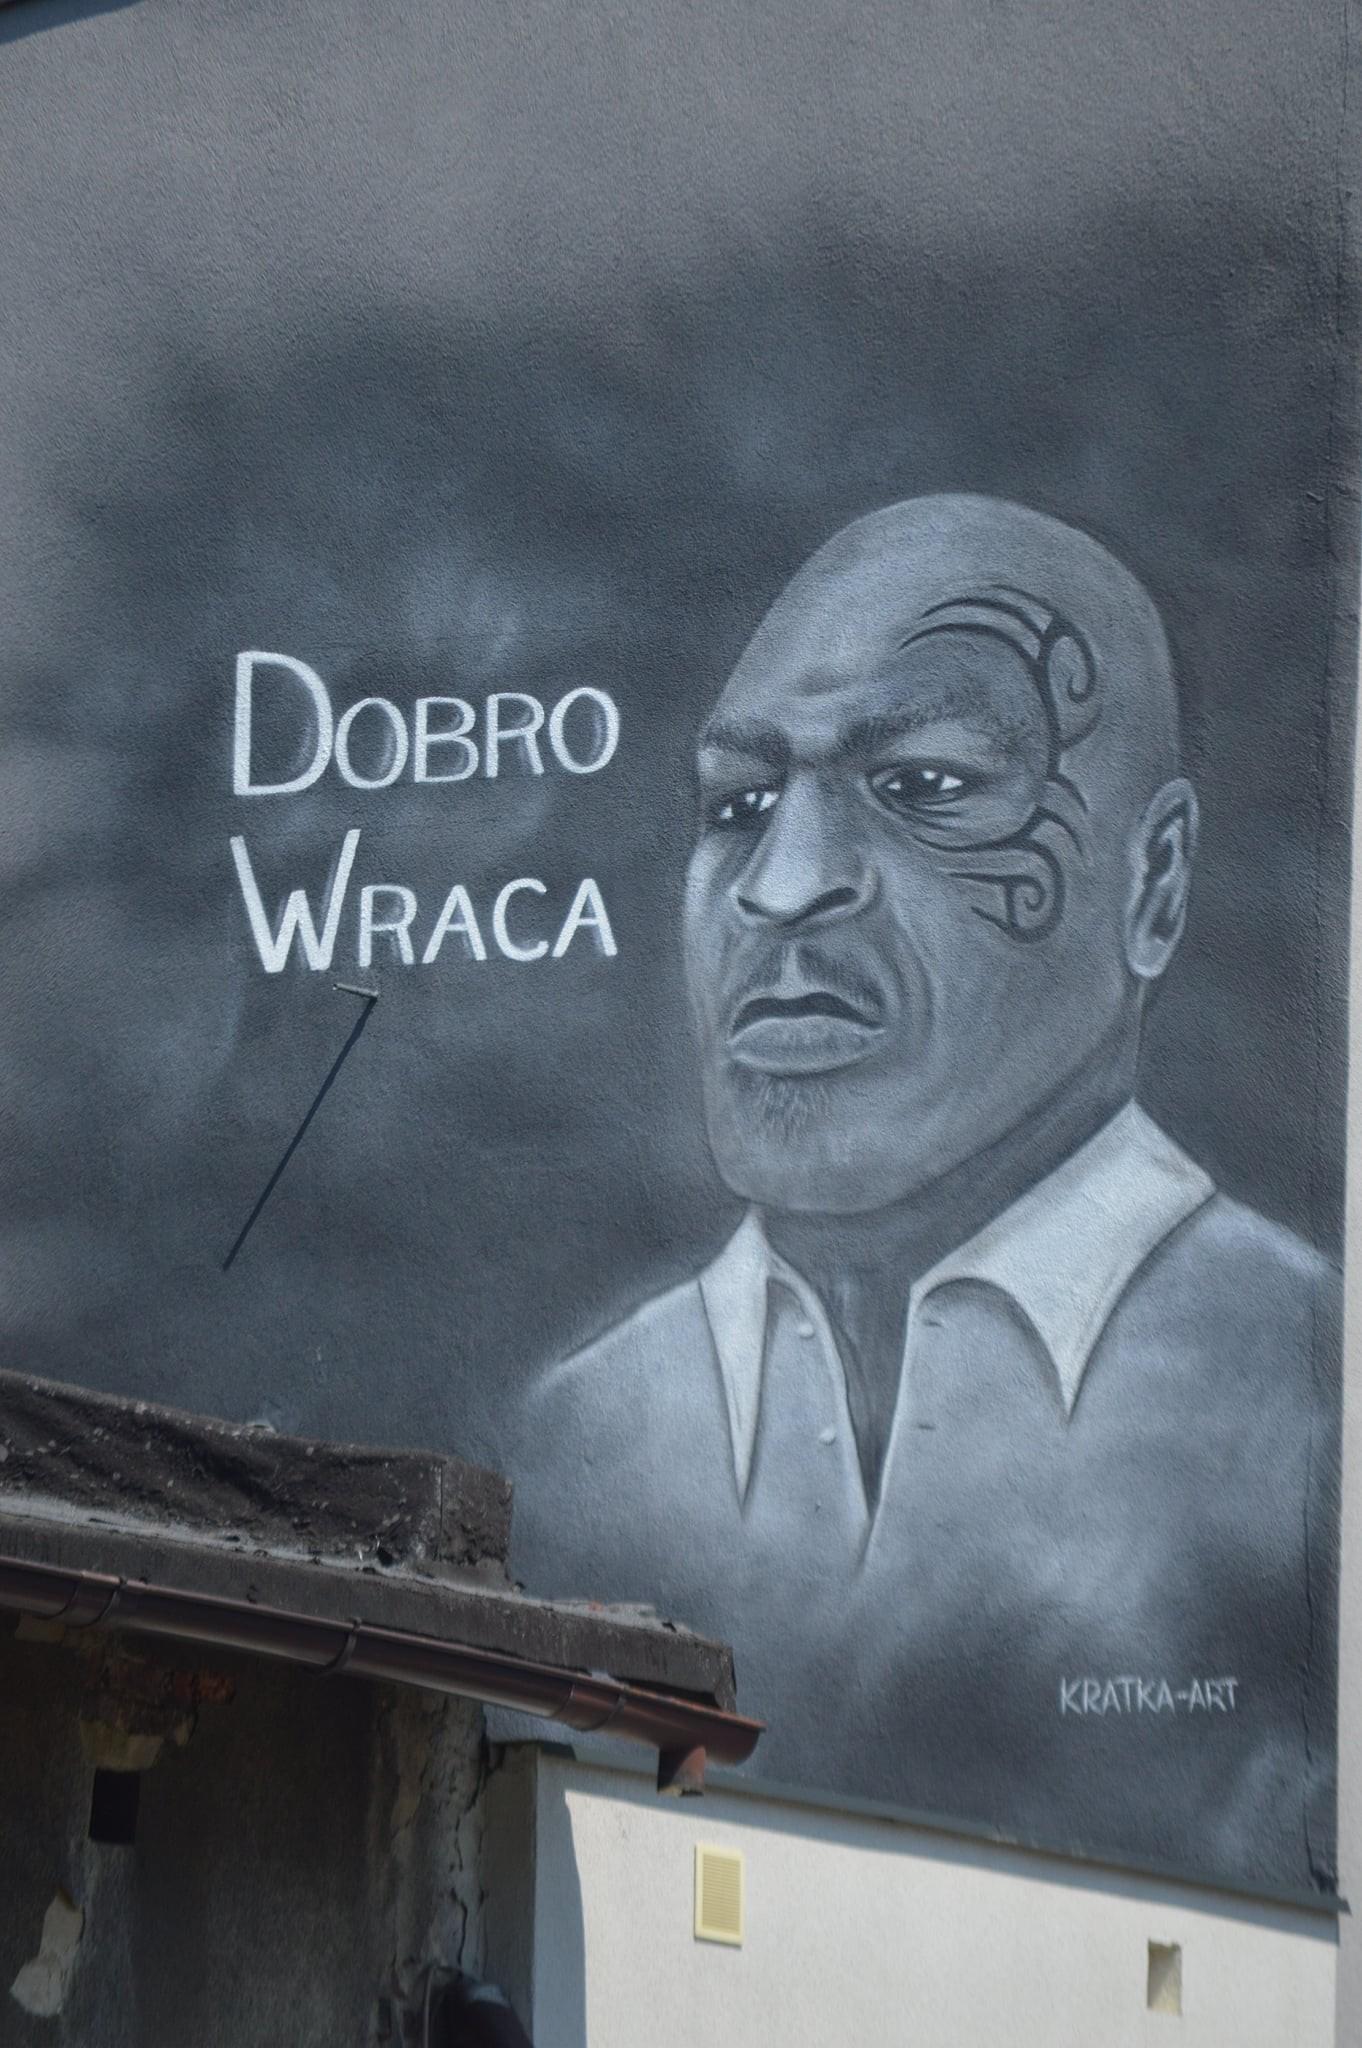 """Wpolskim mieście pojawił się mural zMikiem Tysonem. Głosi, że""""dobro wraca"""""""